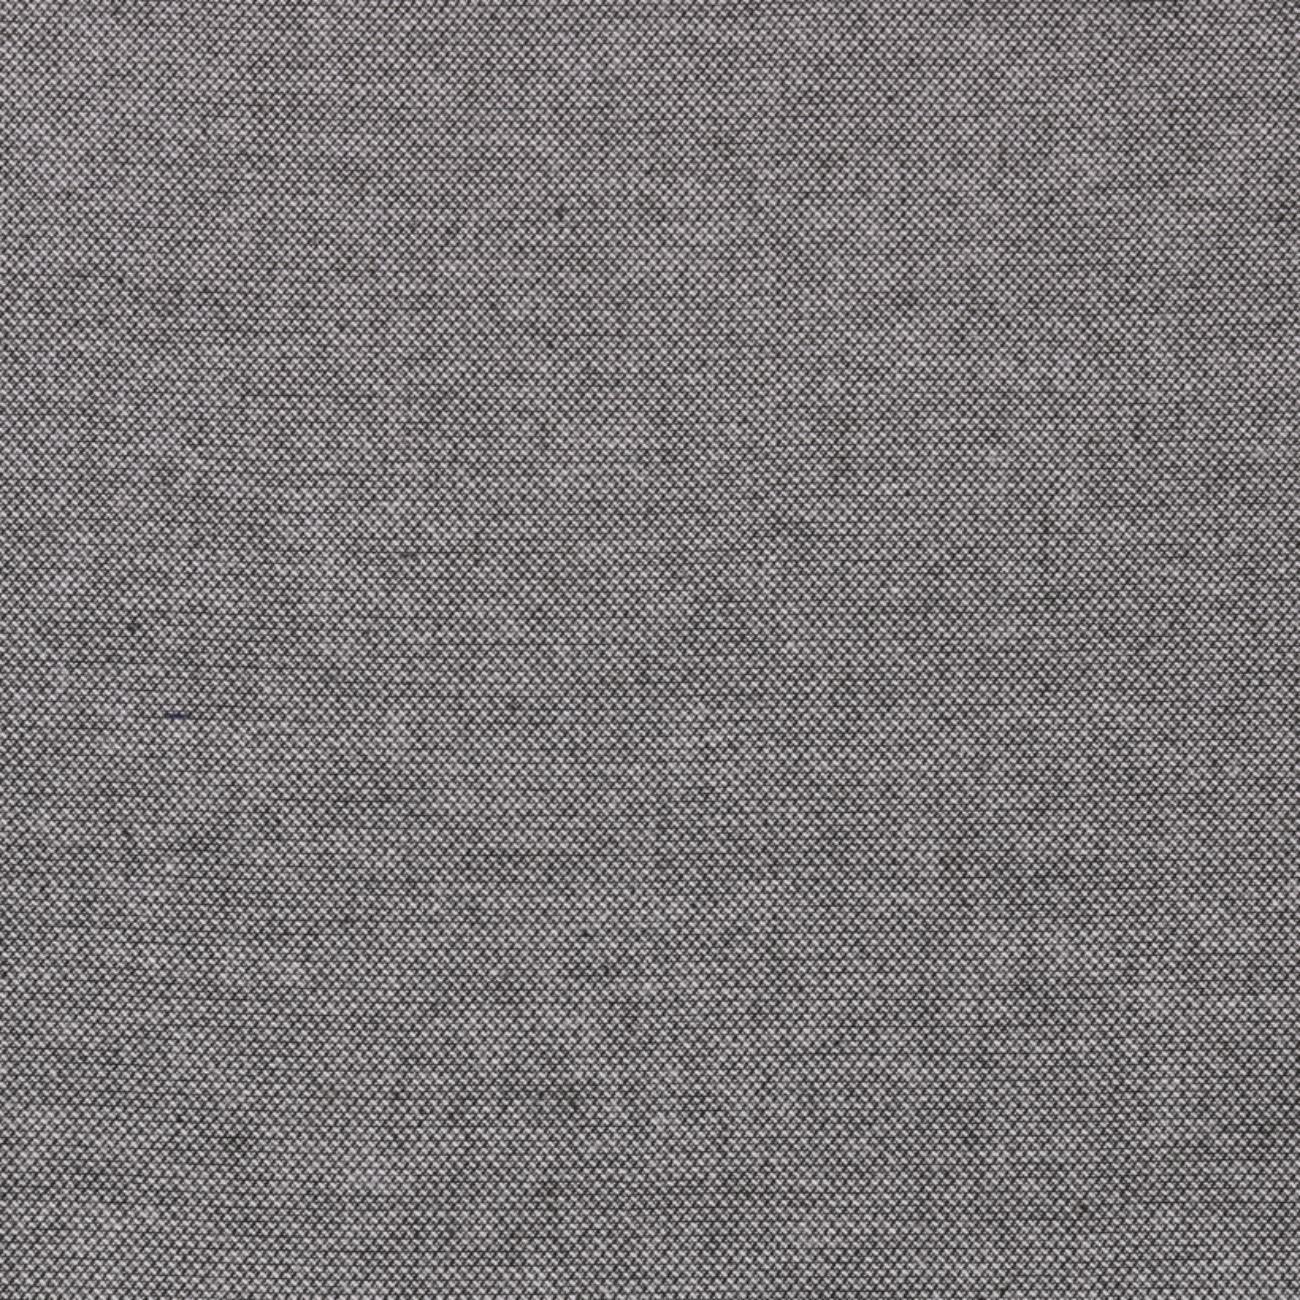 现货格子梭织色织 无弹休闲时尚风格衬衫连衣裙 短裙 棉感 全棉色织布 春夏秋 60929-80